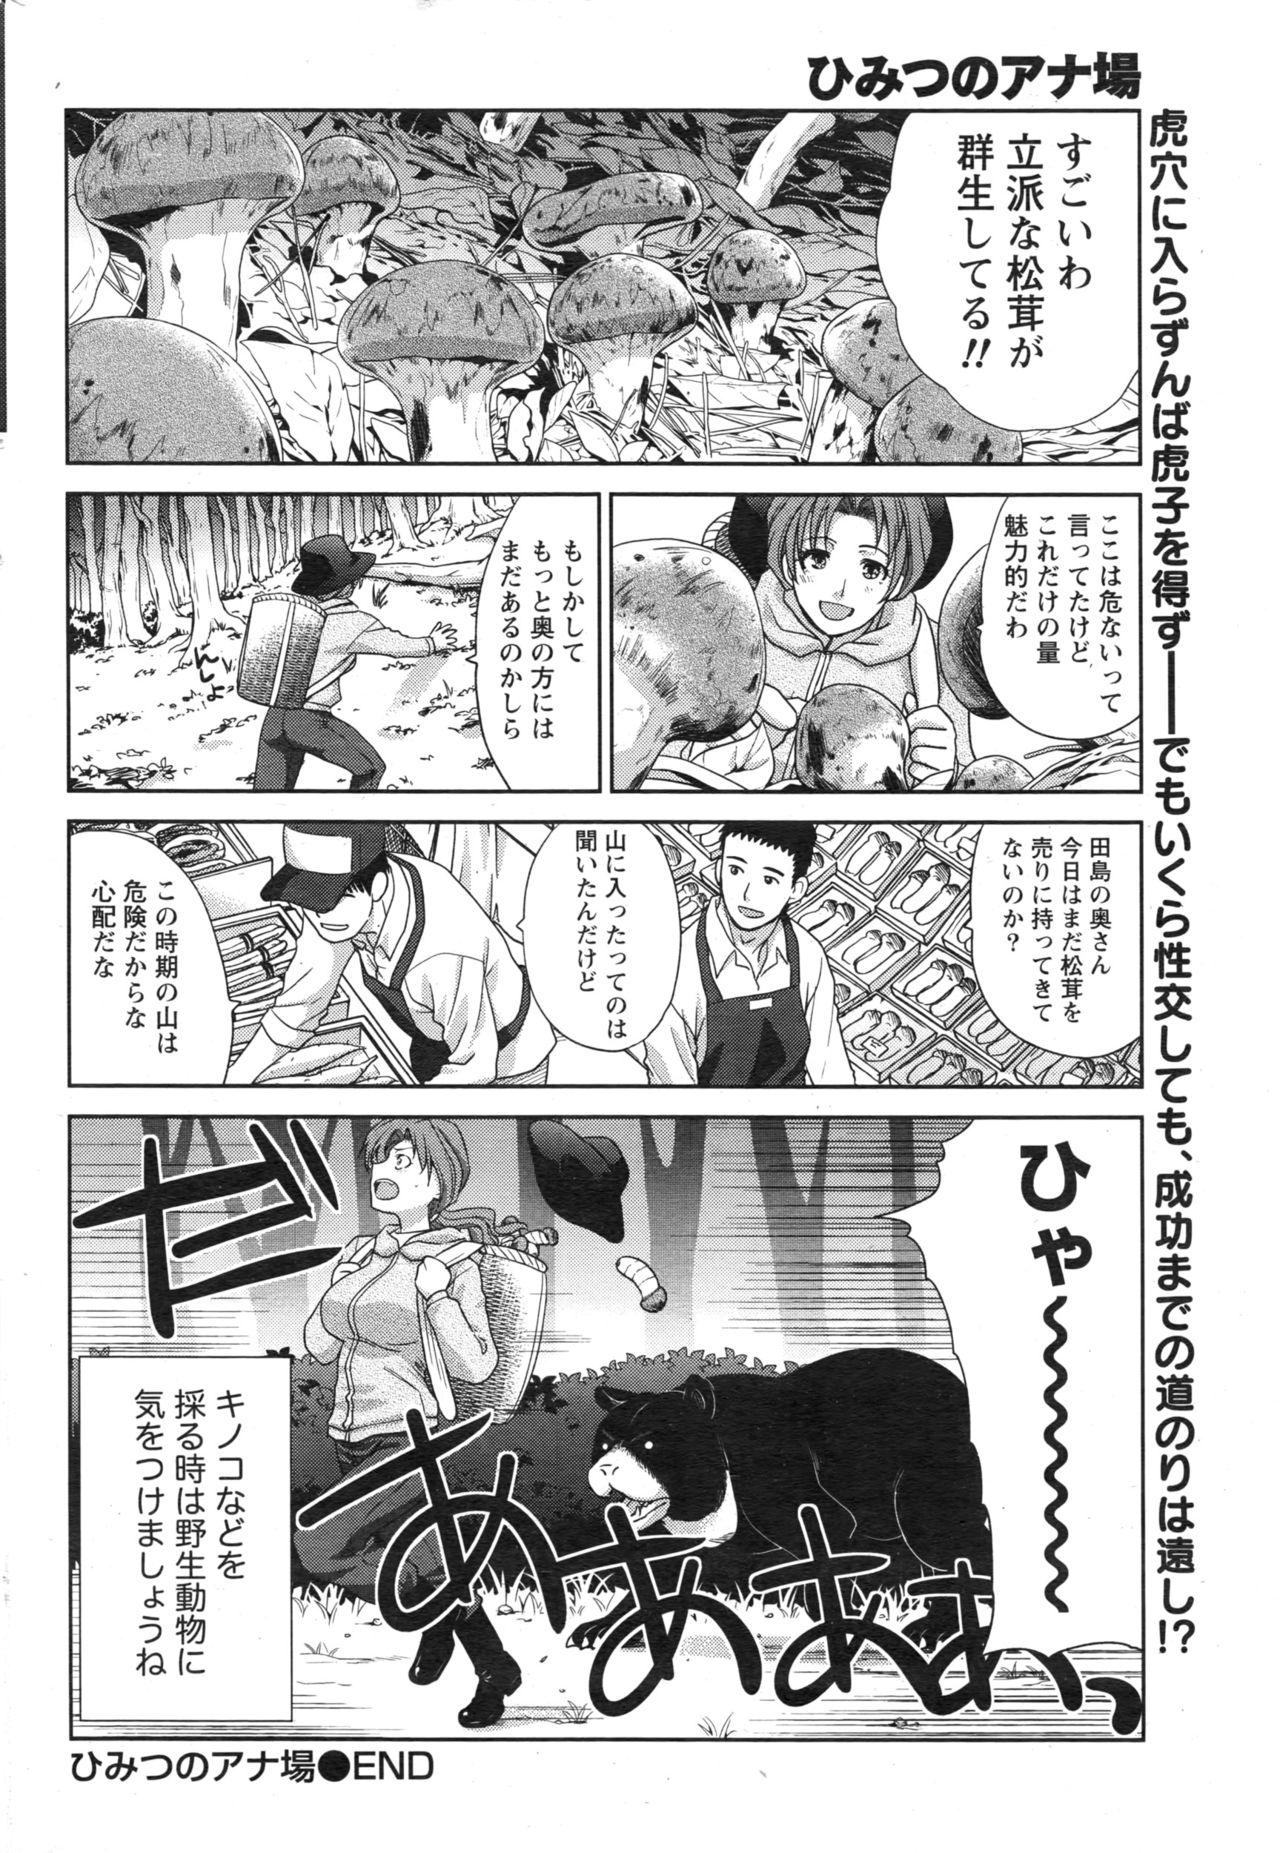 【エロ漫画】毎年すごい量の松茸を持ってくる巨乳のお姉さん…松茸取り名人のおじさんたちから群生場所を聞き出すために逆レイプ中出しセックス【板場広志:ひみつのアナ場 】